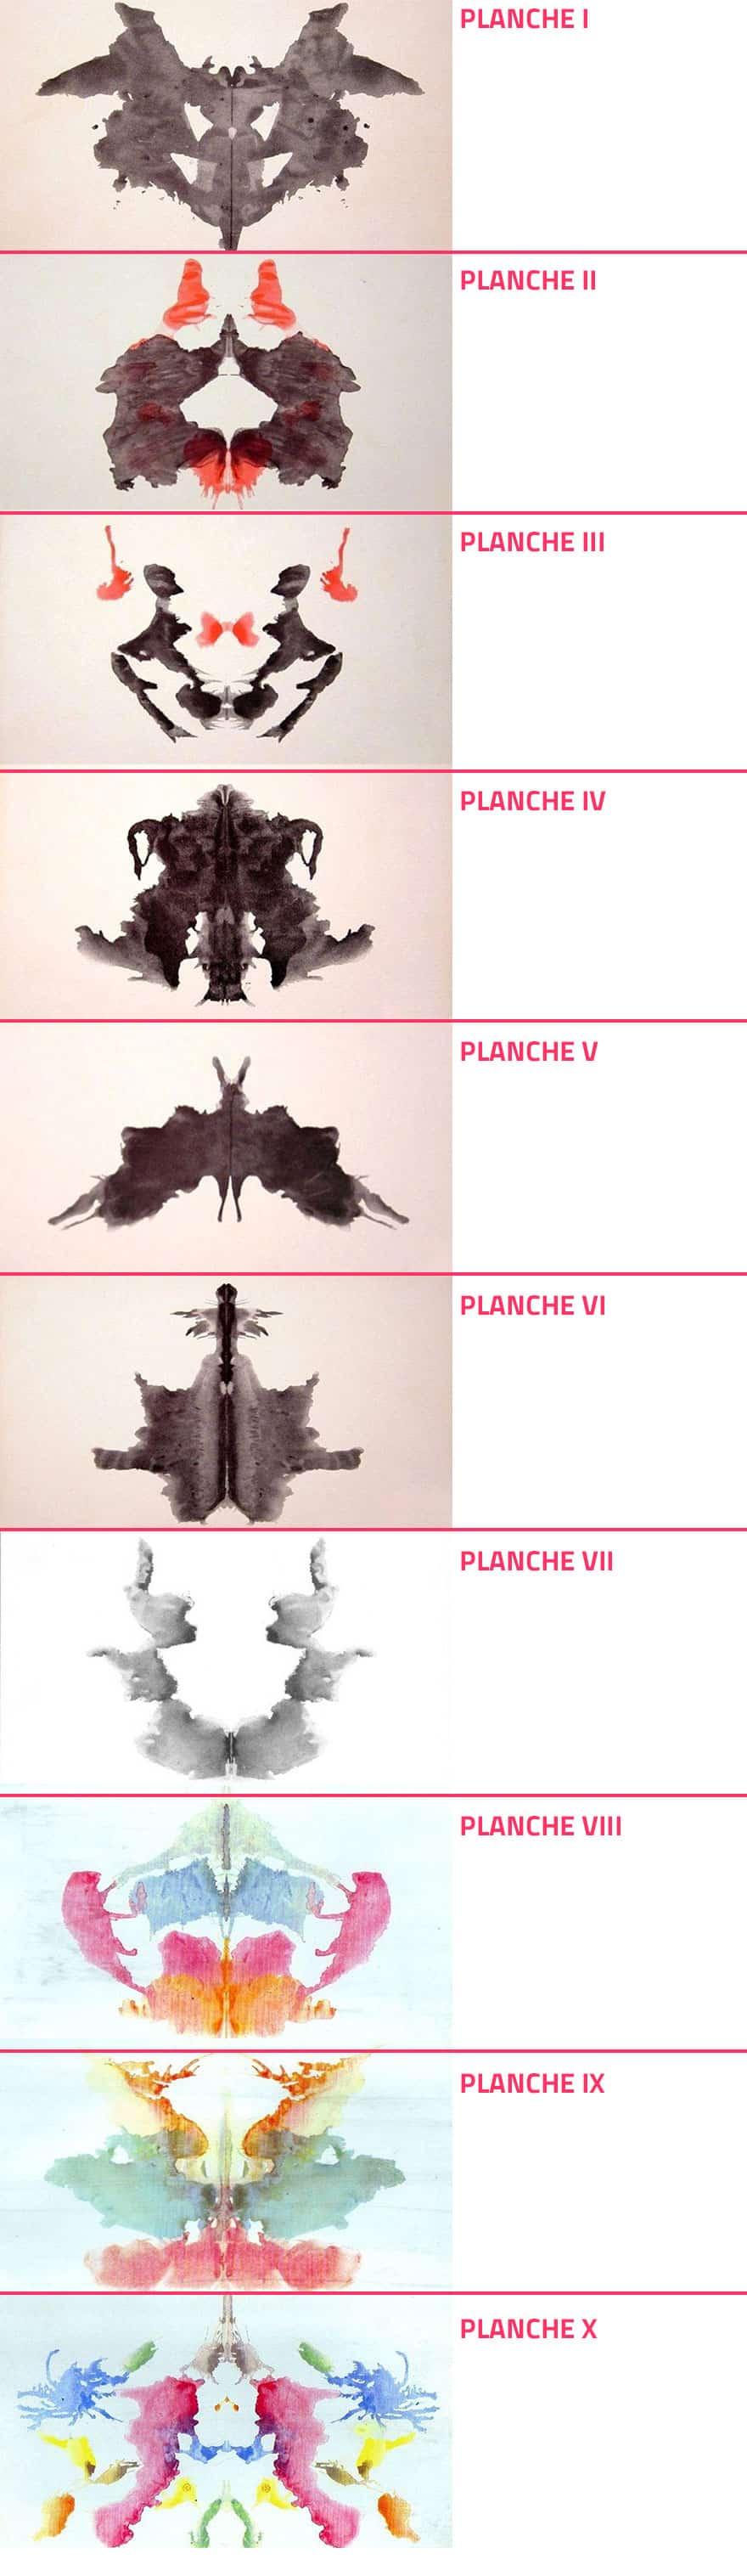 planches-de-rorschach